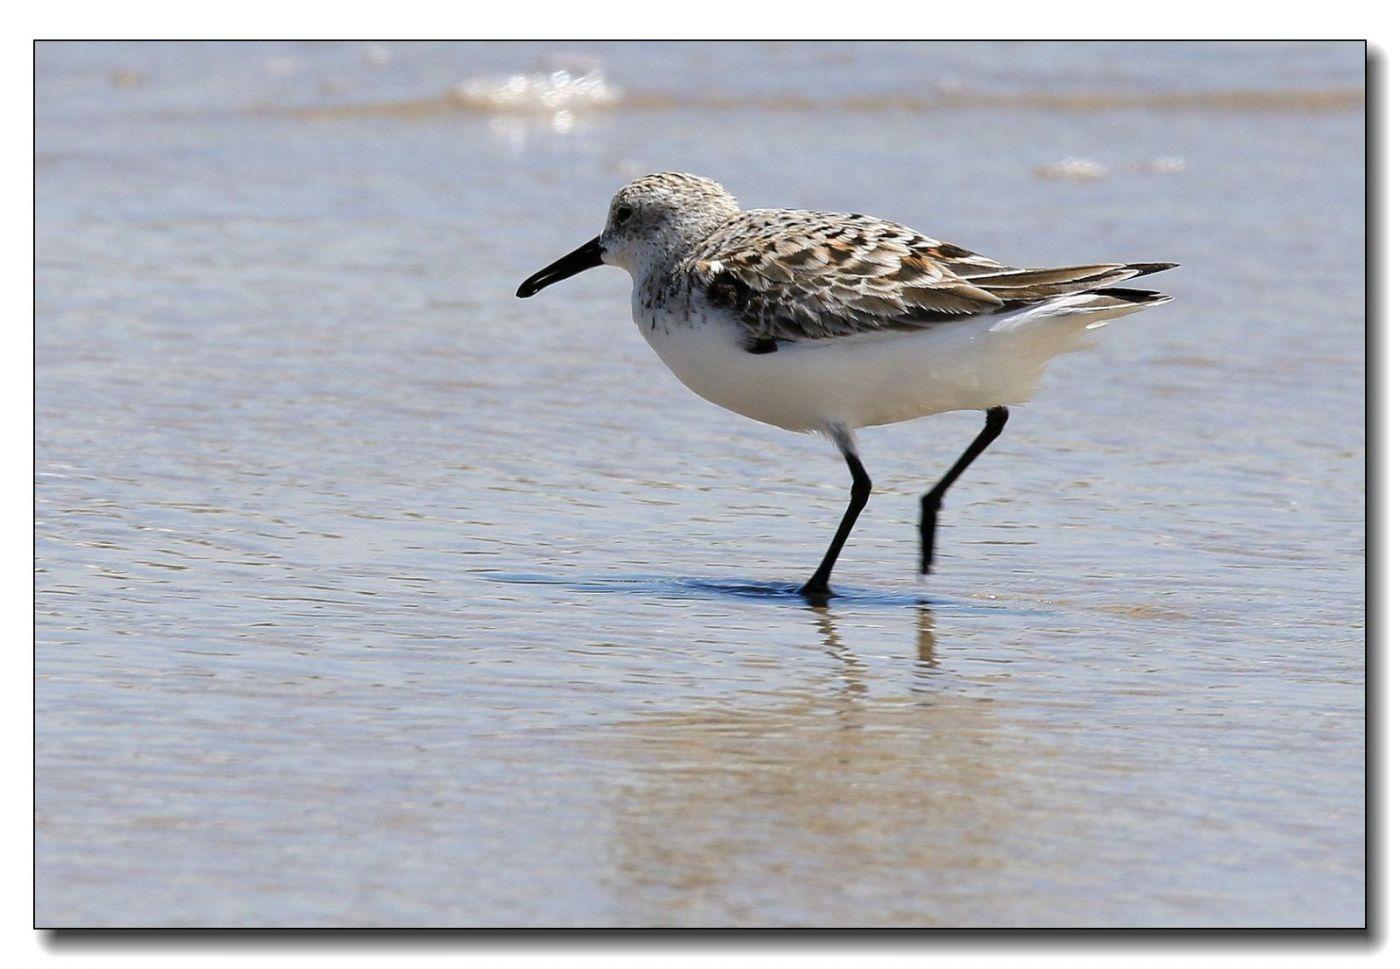 洛克威海滩拍鸟—滨鹬_图1-5